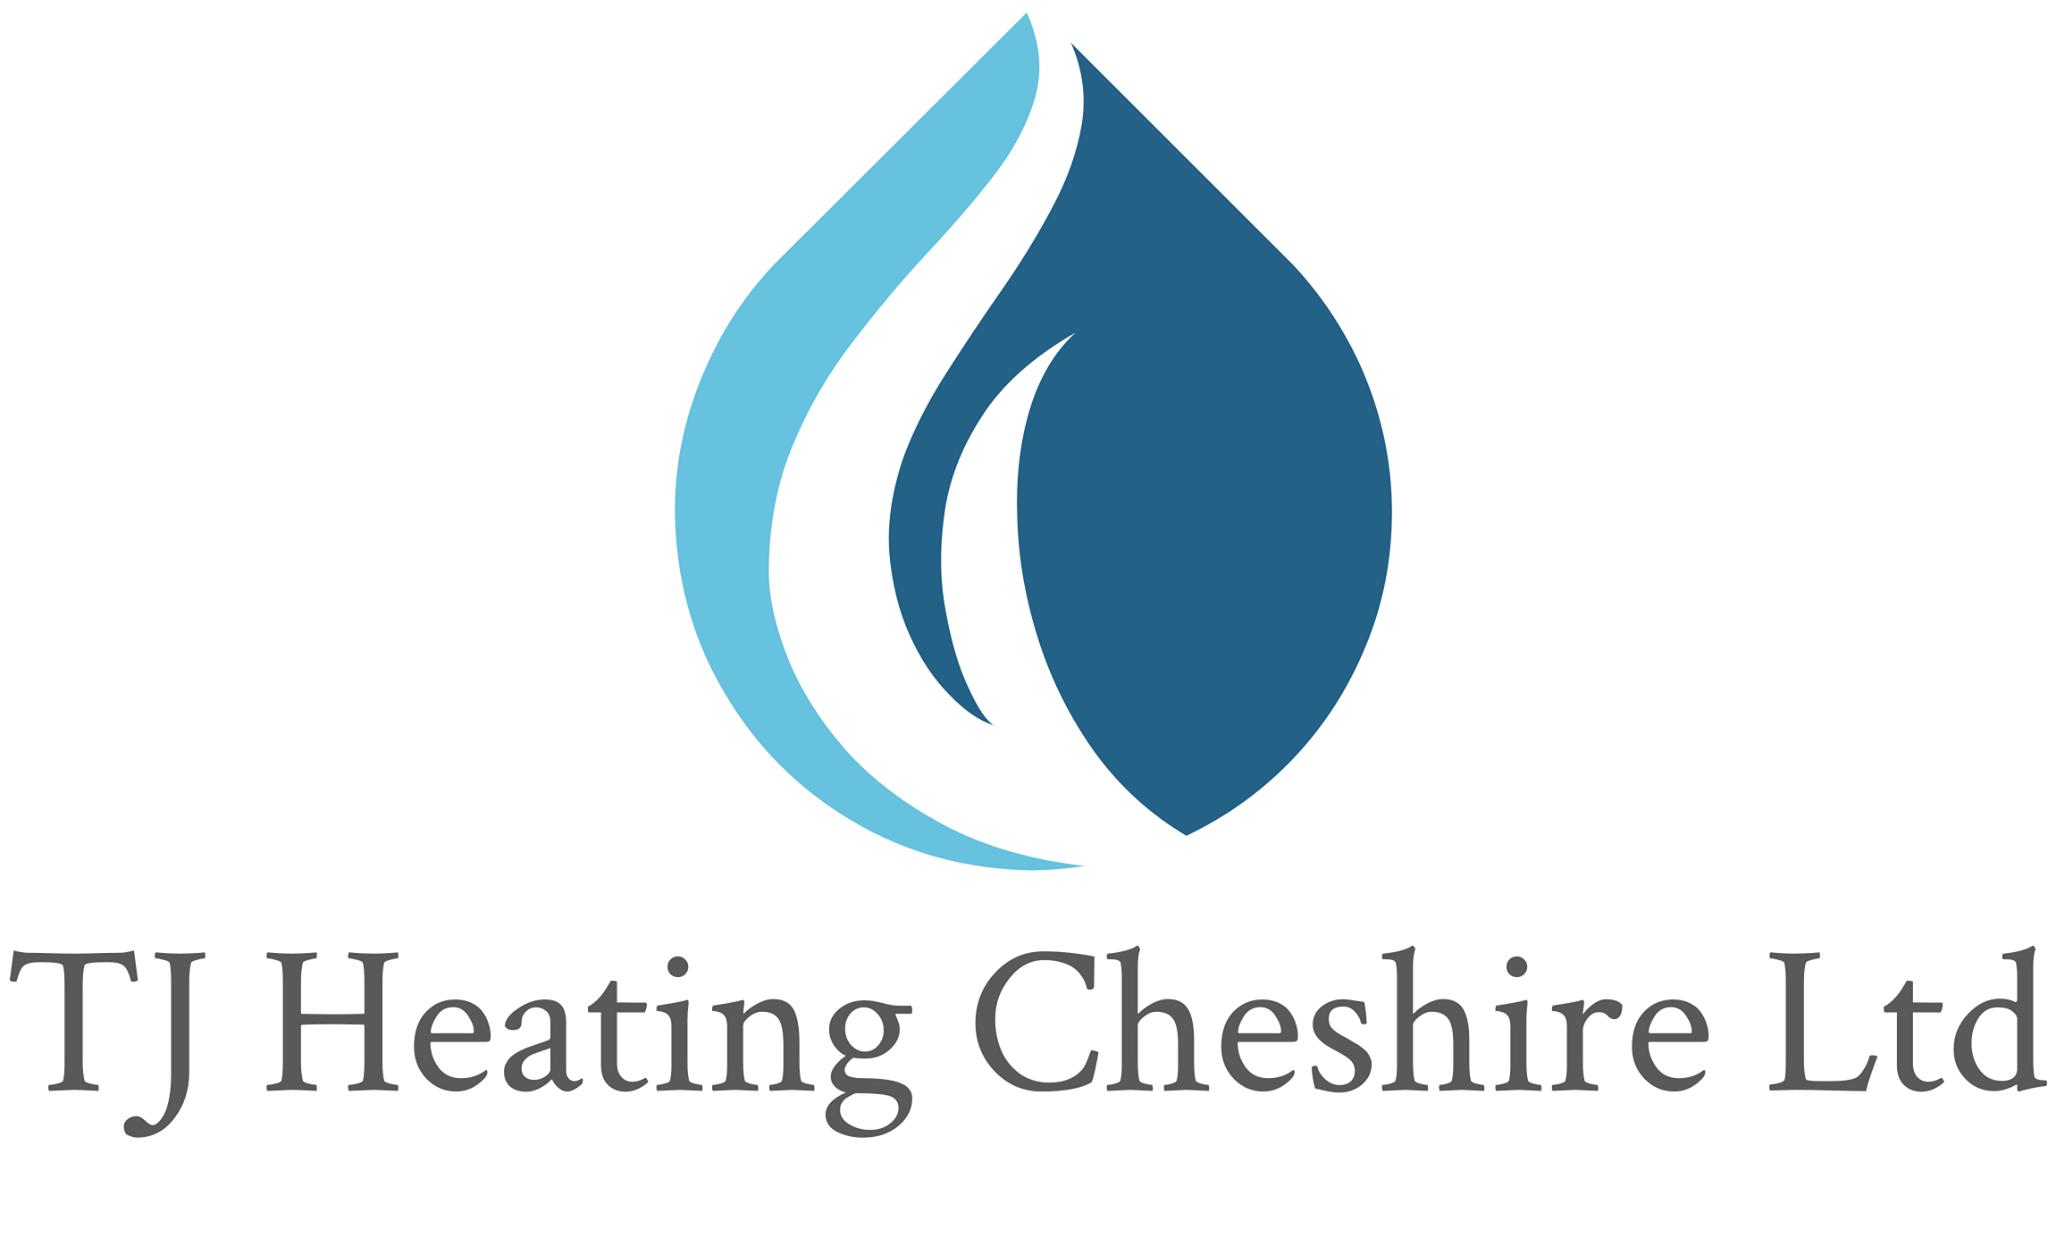 T J Heating (Cheshire) Ltd - Crewe, Cheshire CW4 7BW - 07500 367575 | ShowMeLocal.com